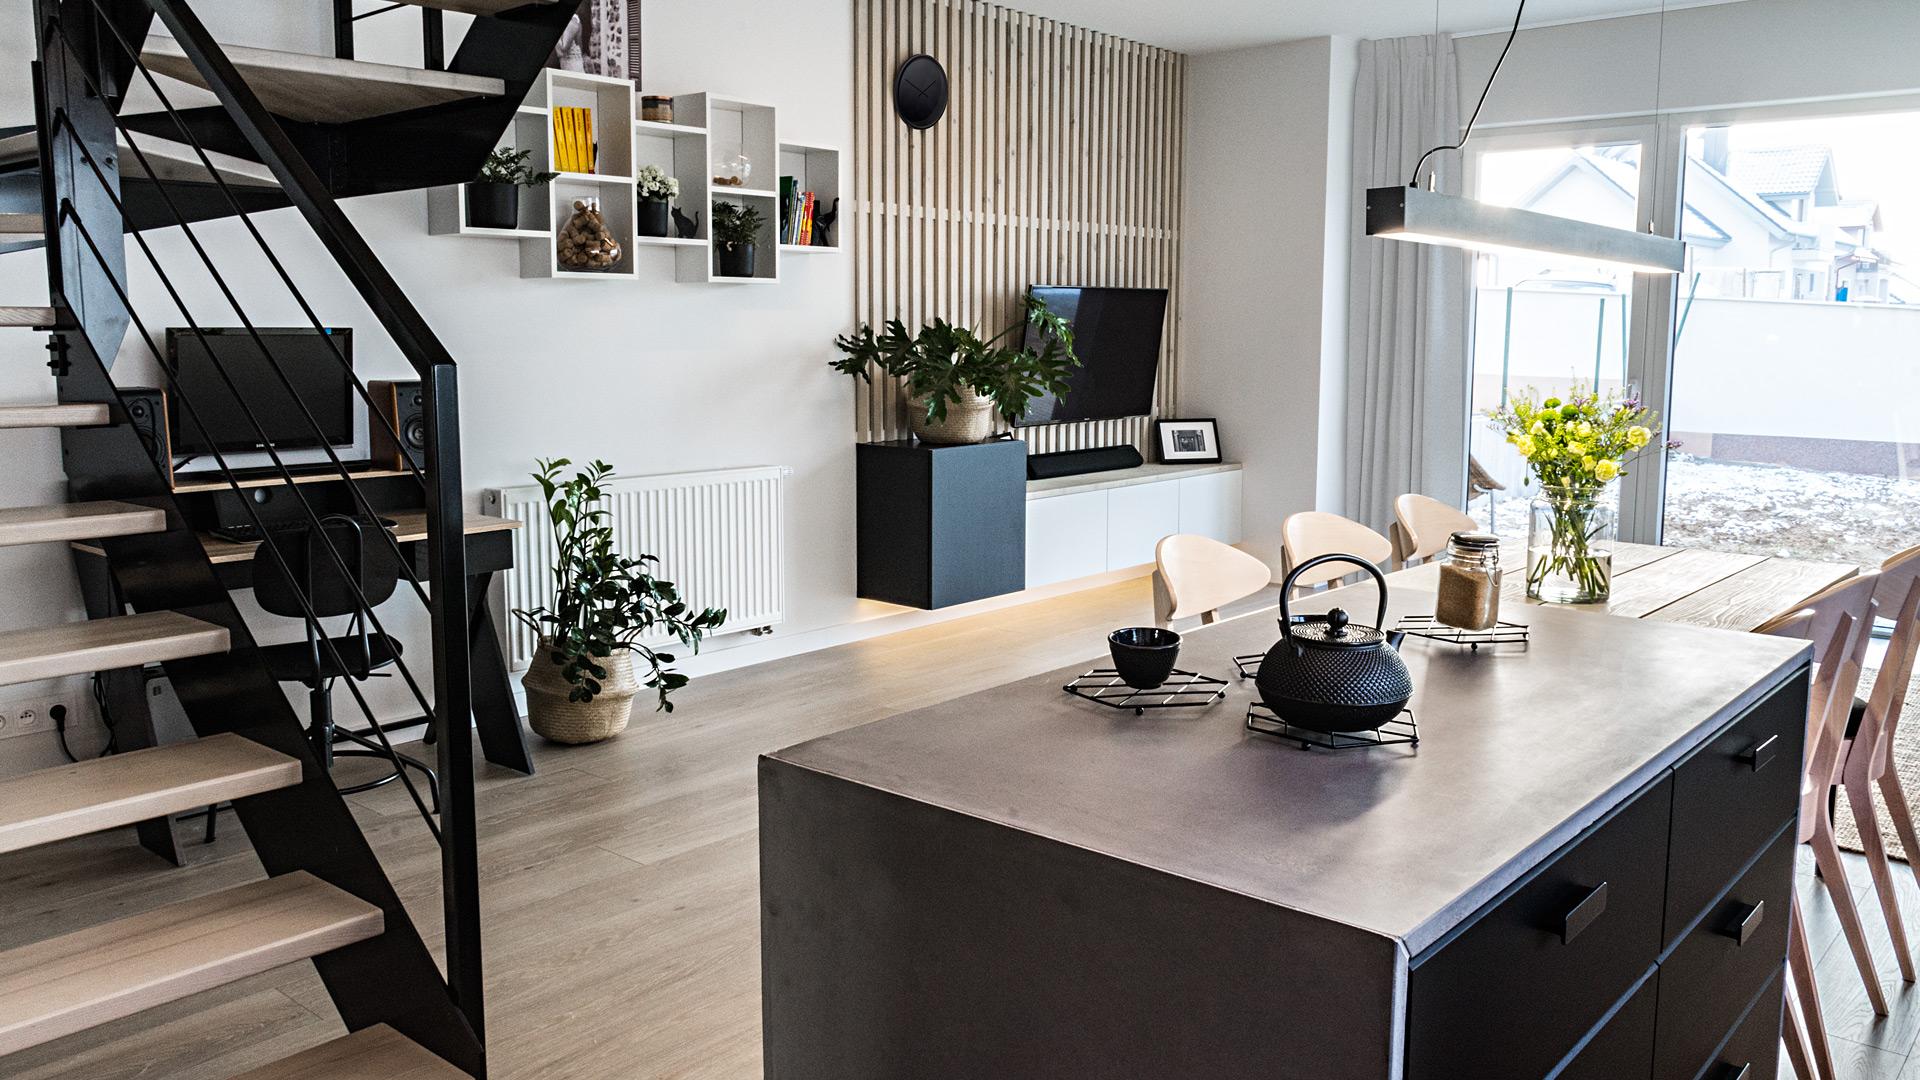 W okolicy okien tarasowych umiejscowiona jest część wypoczynkowa – narożnik i telewizor.